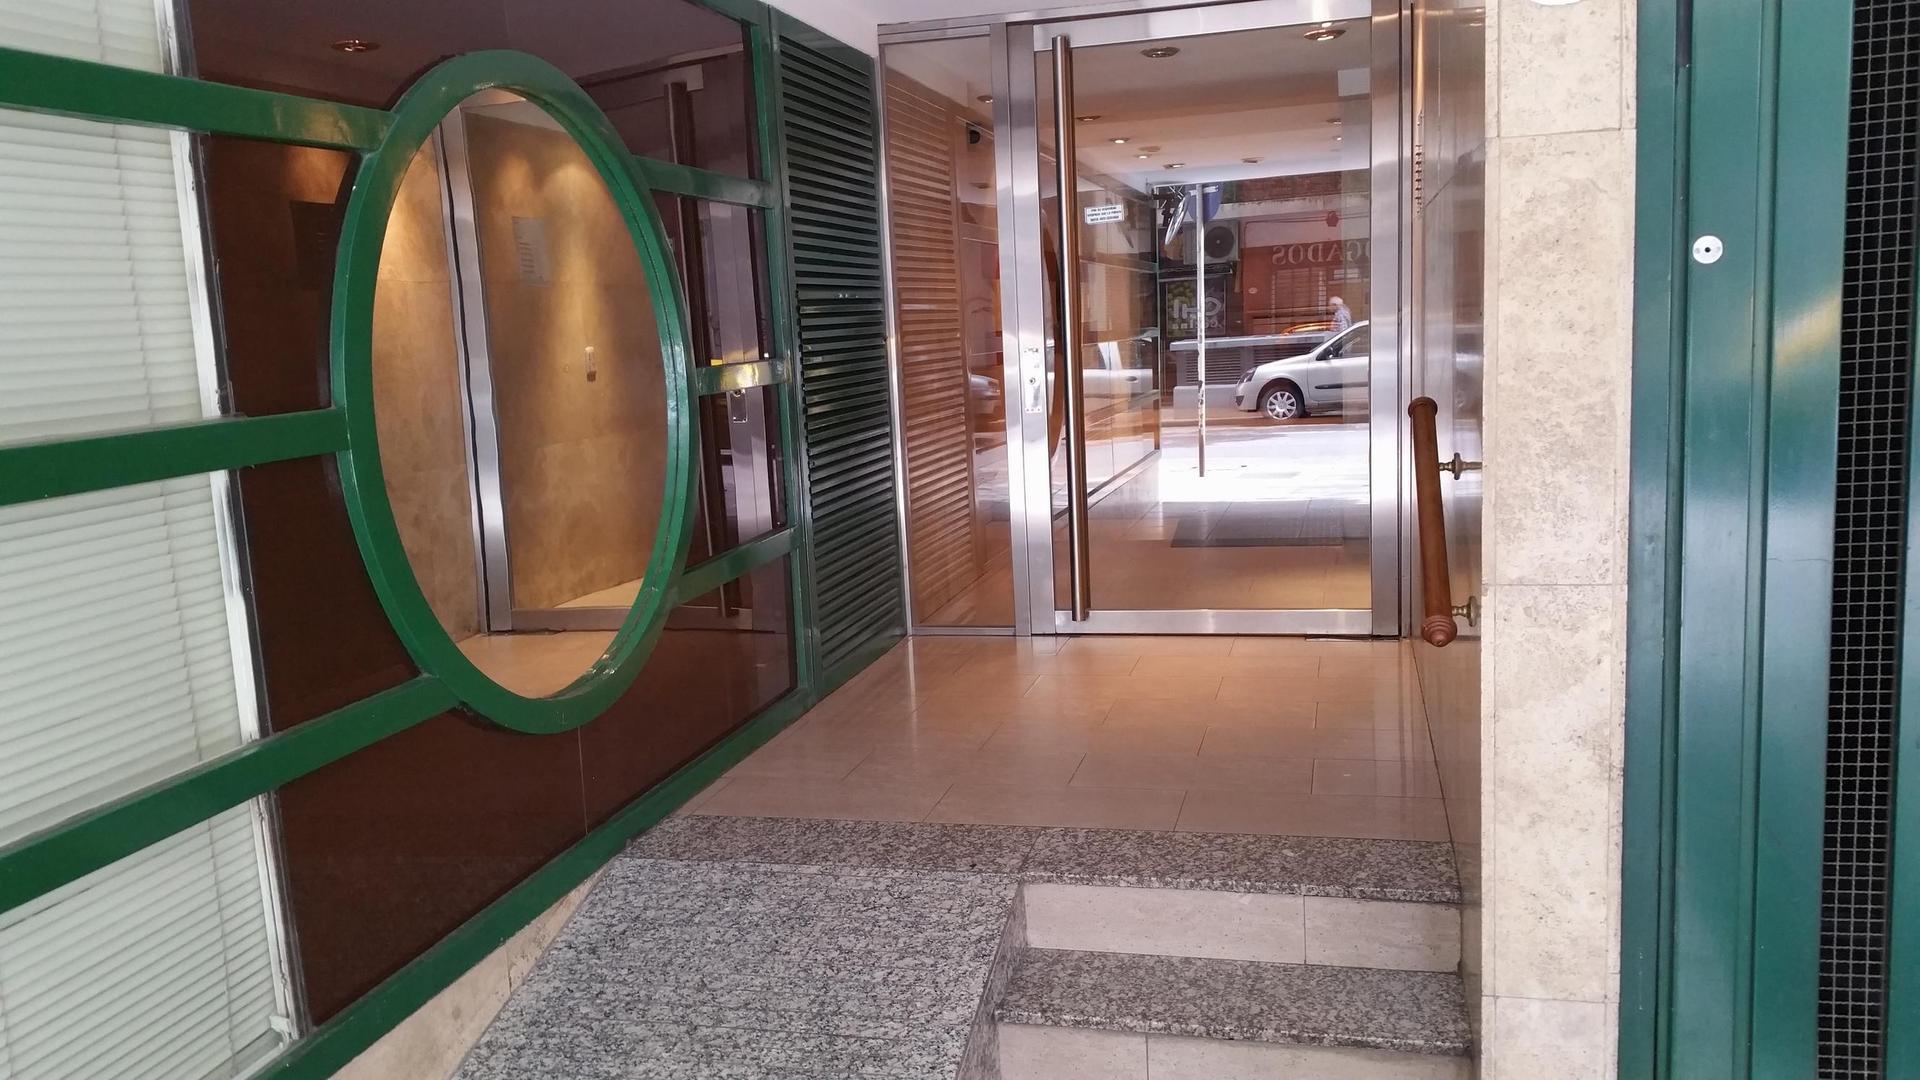 Departamento - Venta - Argentina, Capital Federal - SAN LUIS  AL 2700